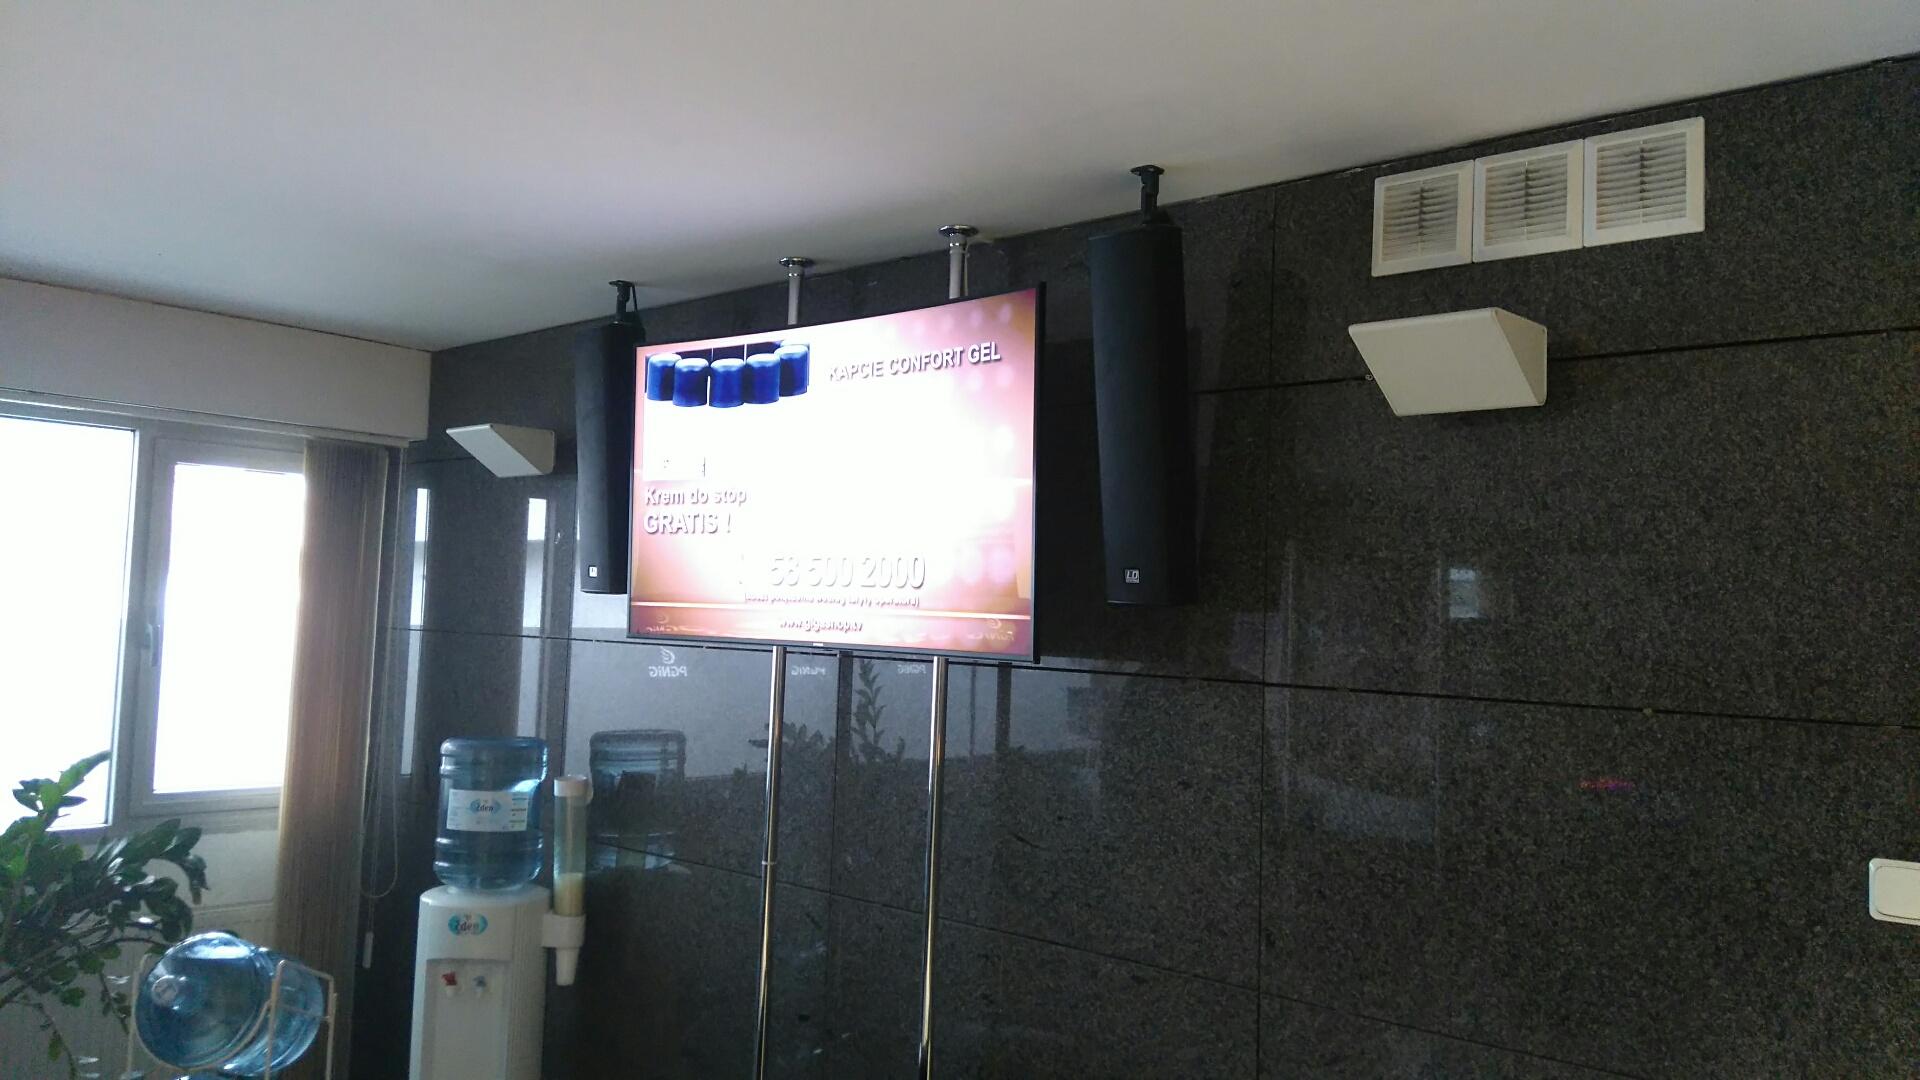 Pętle indukcyjne dla osób niedosłyszących montaż projekt dystrybucja